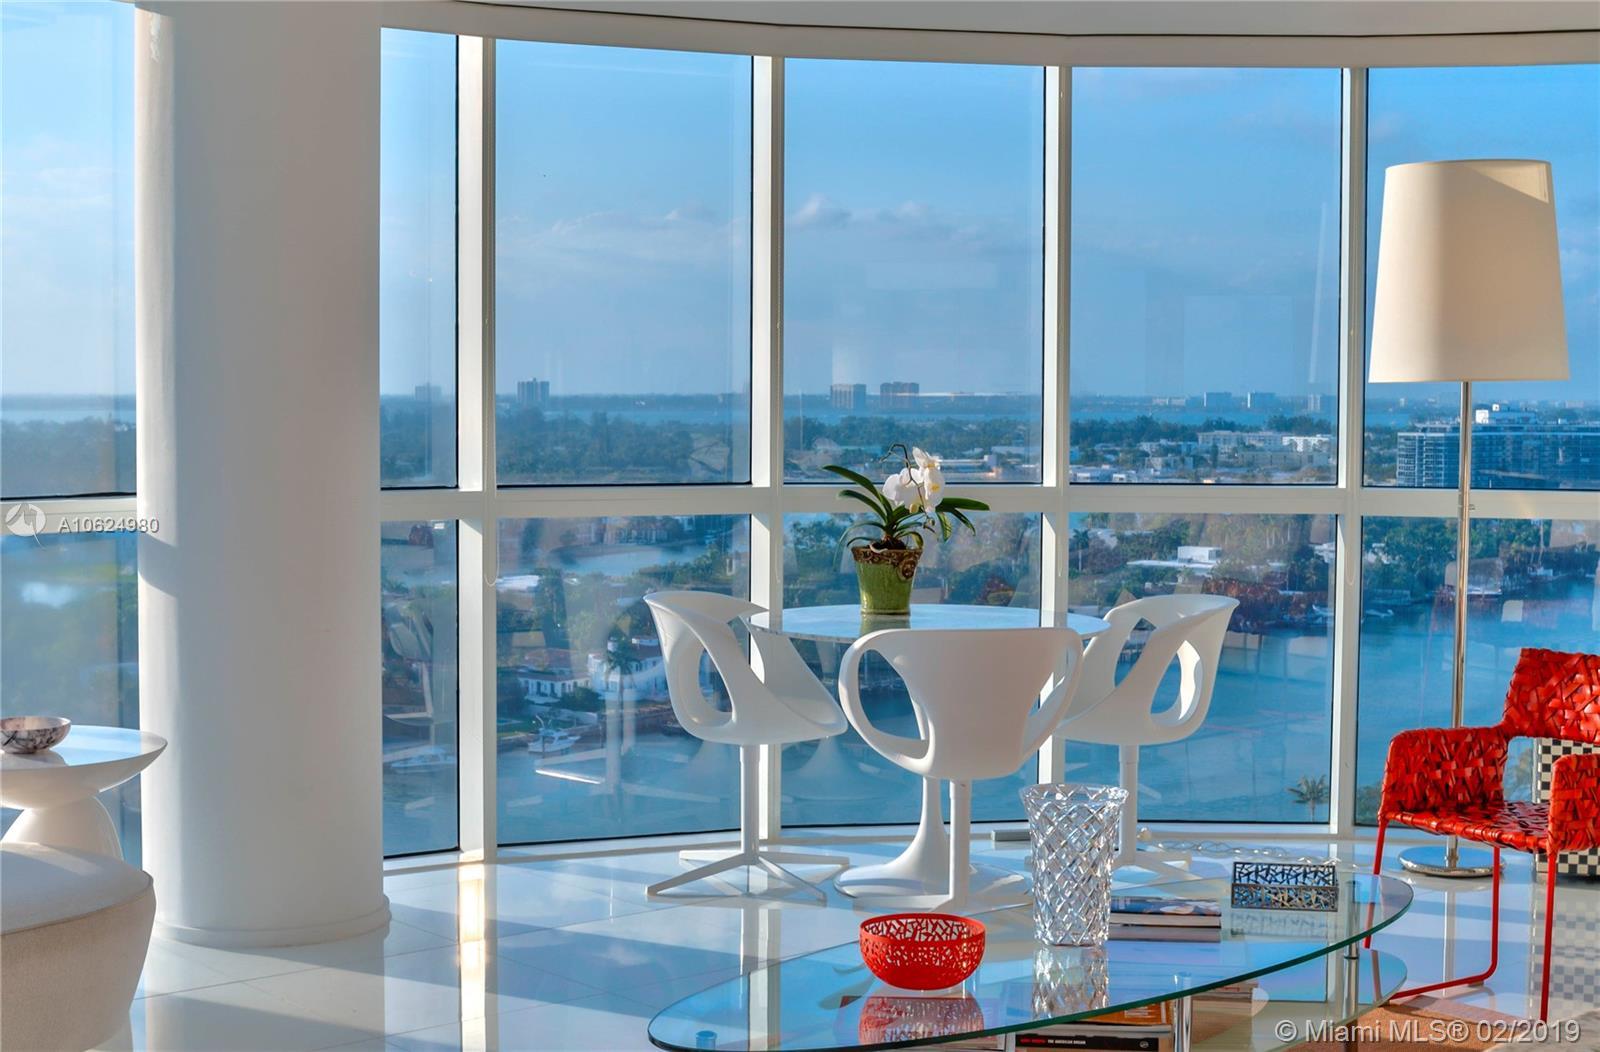 6301 Collins Ave #2005, Miami Beach, FL 33141 - Miami Beach, FL real estate listing